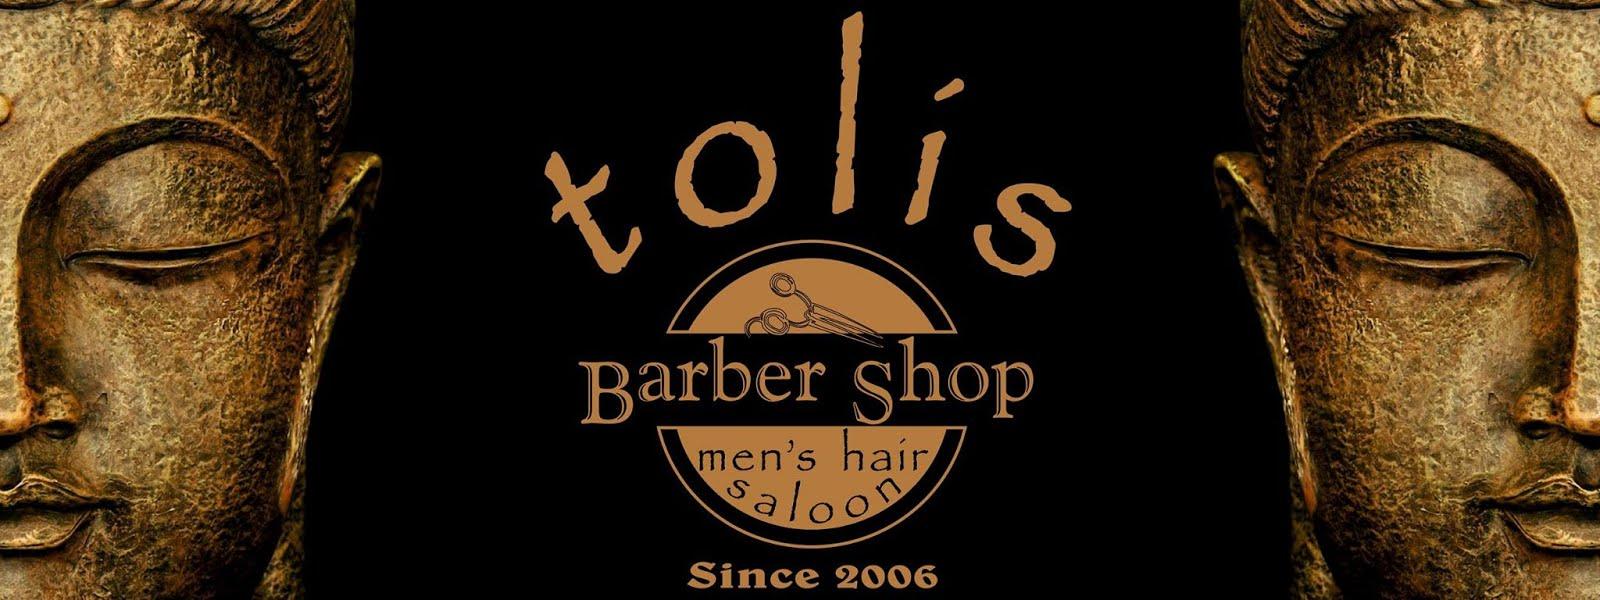 Tolis Barber Shop